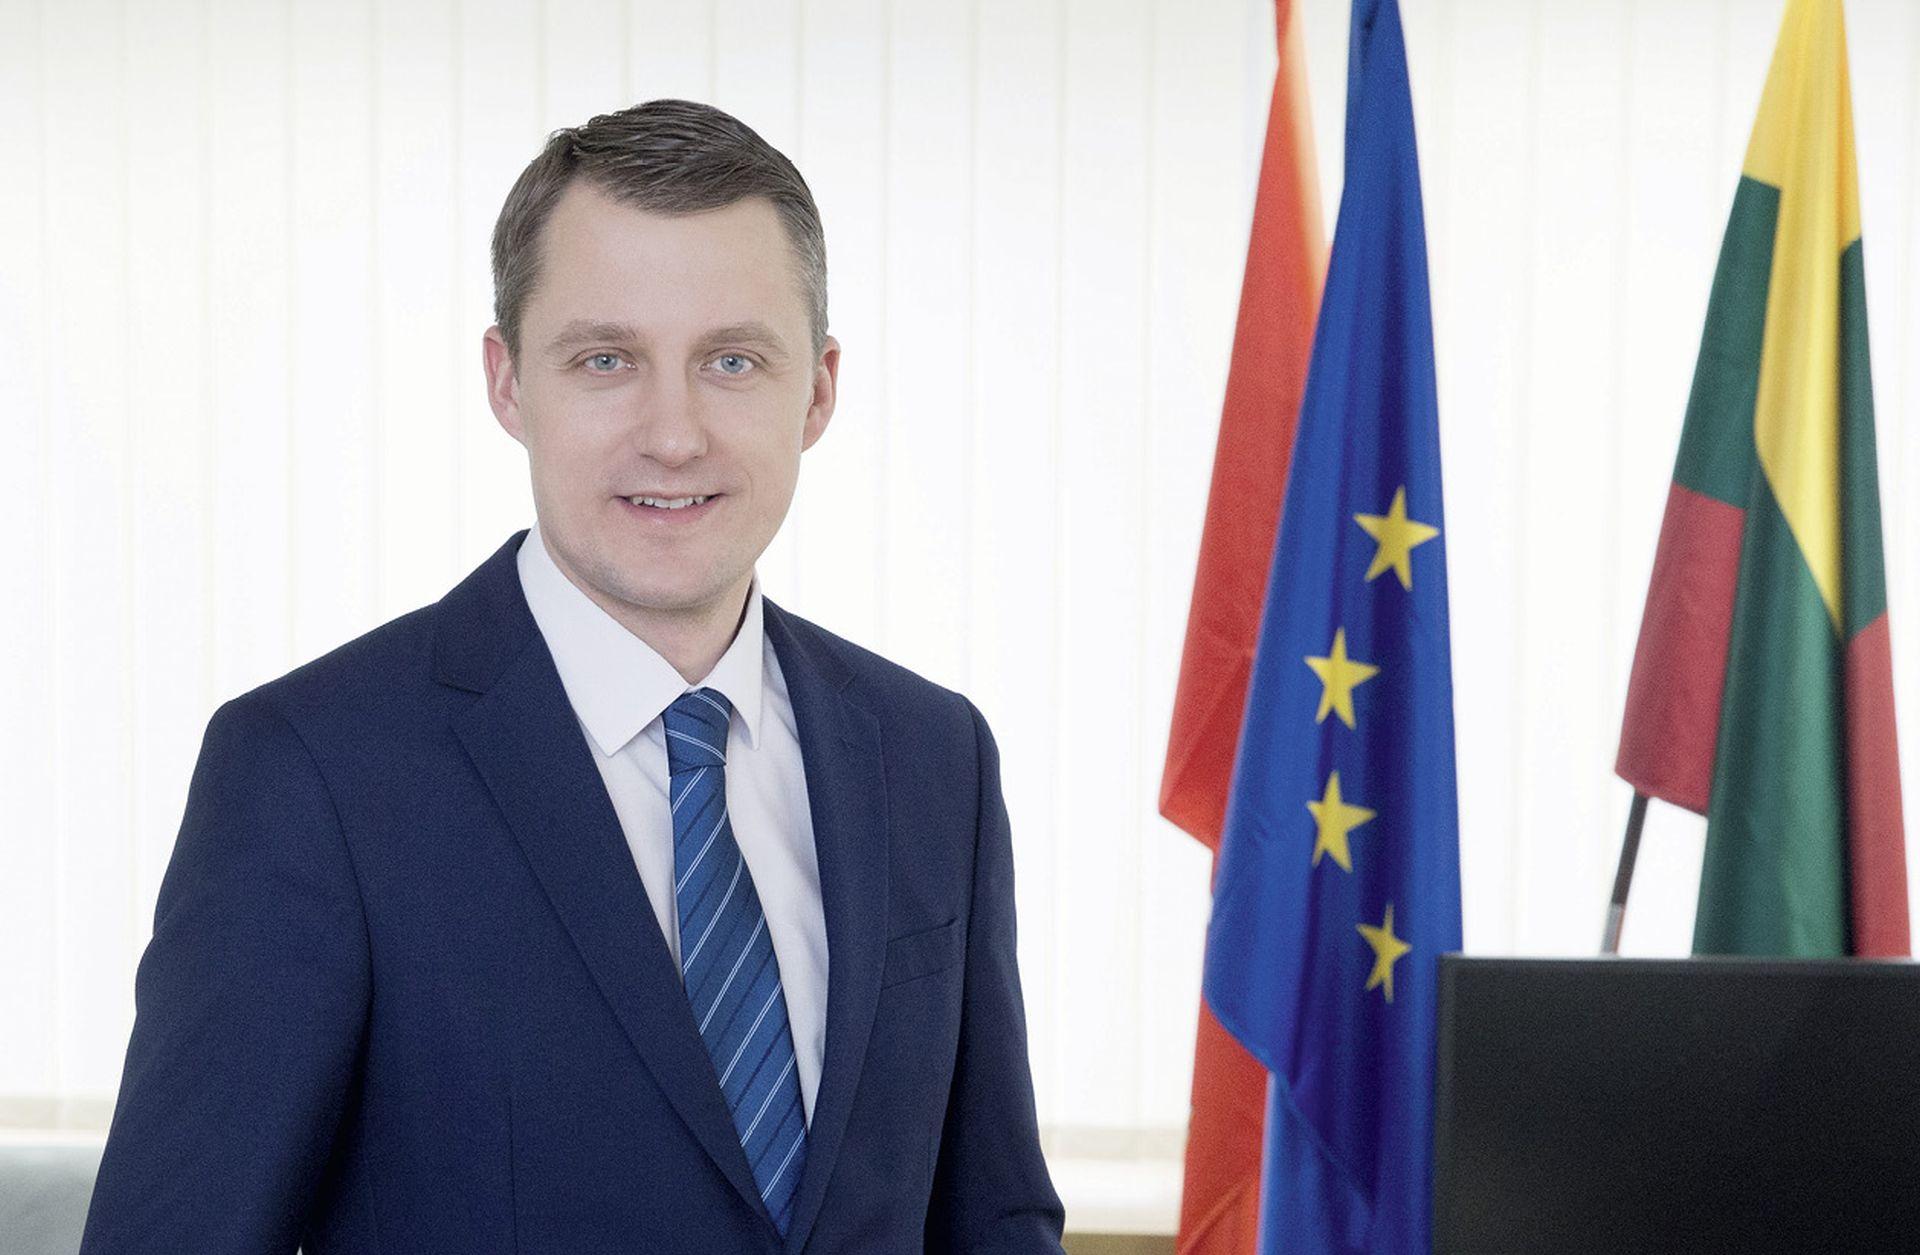 Vaičiūnas: 'LNG na Krku može spriječiti ruski plinski monopol'